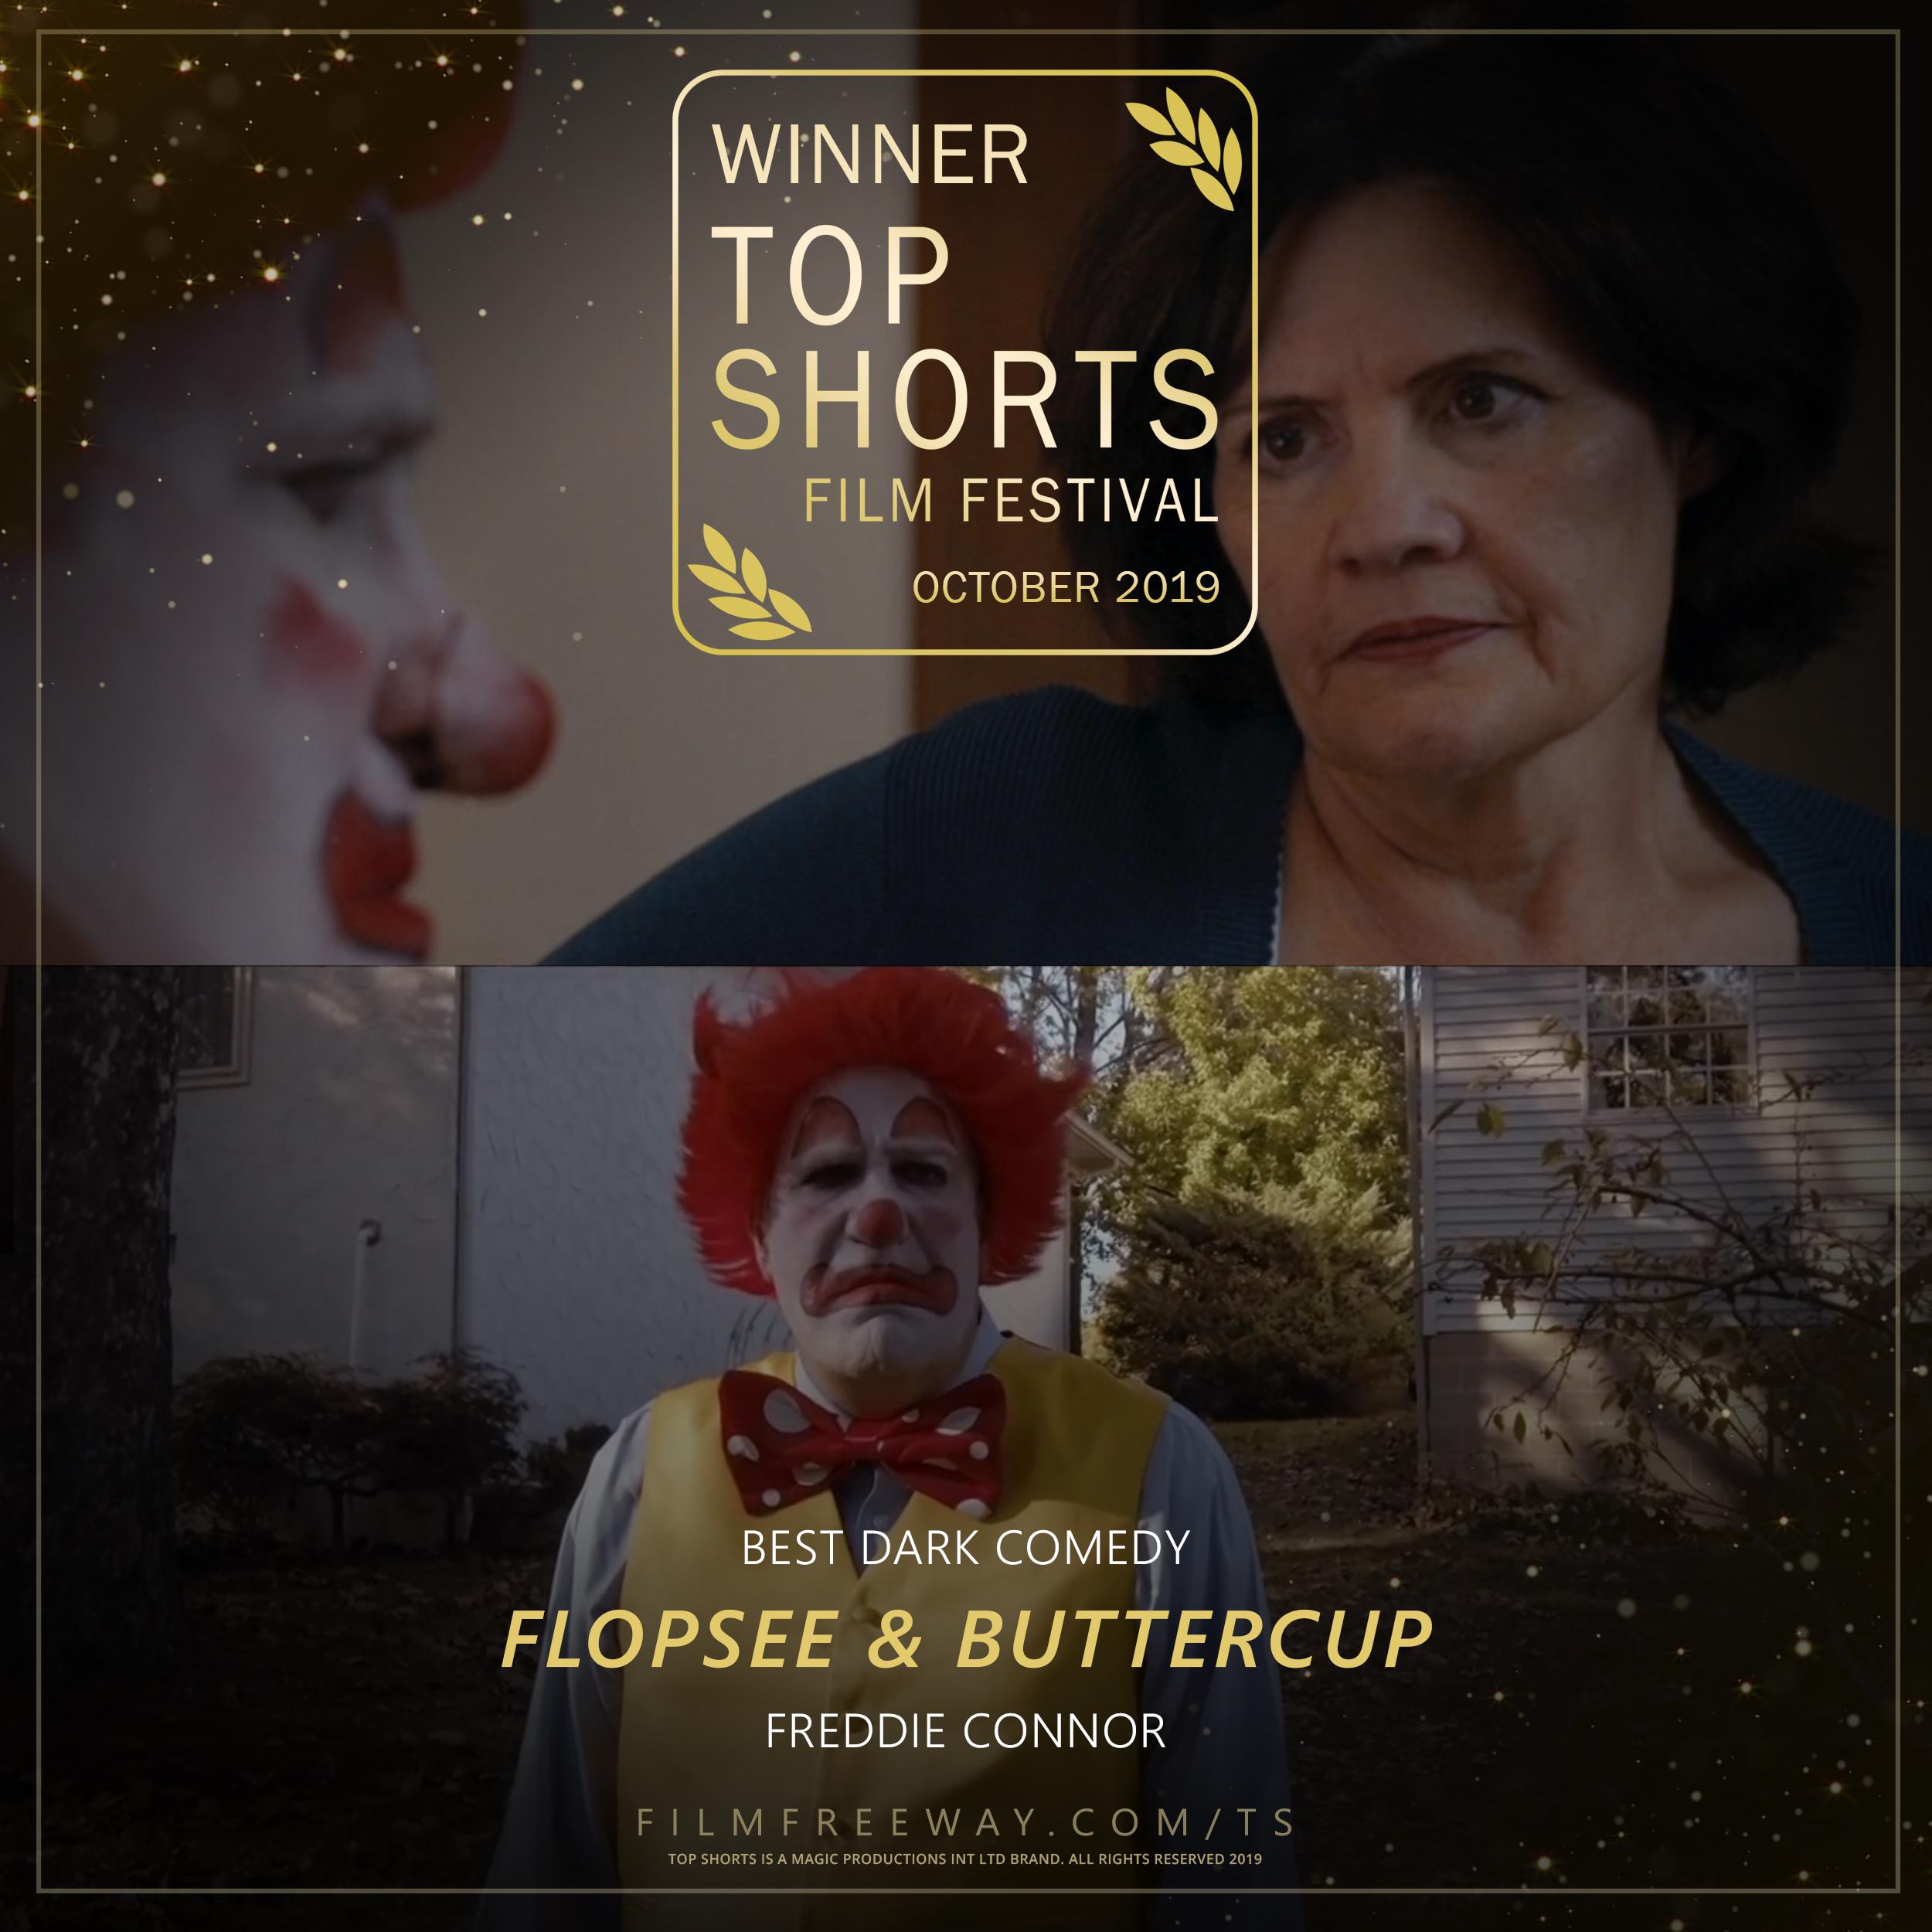 Flopsee & Buttercup design